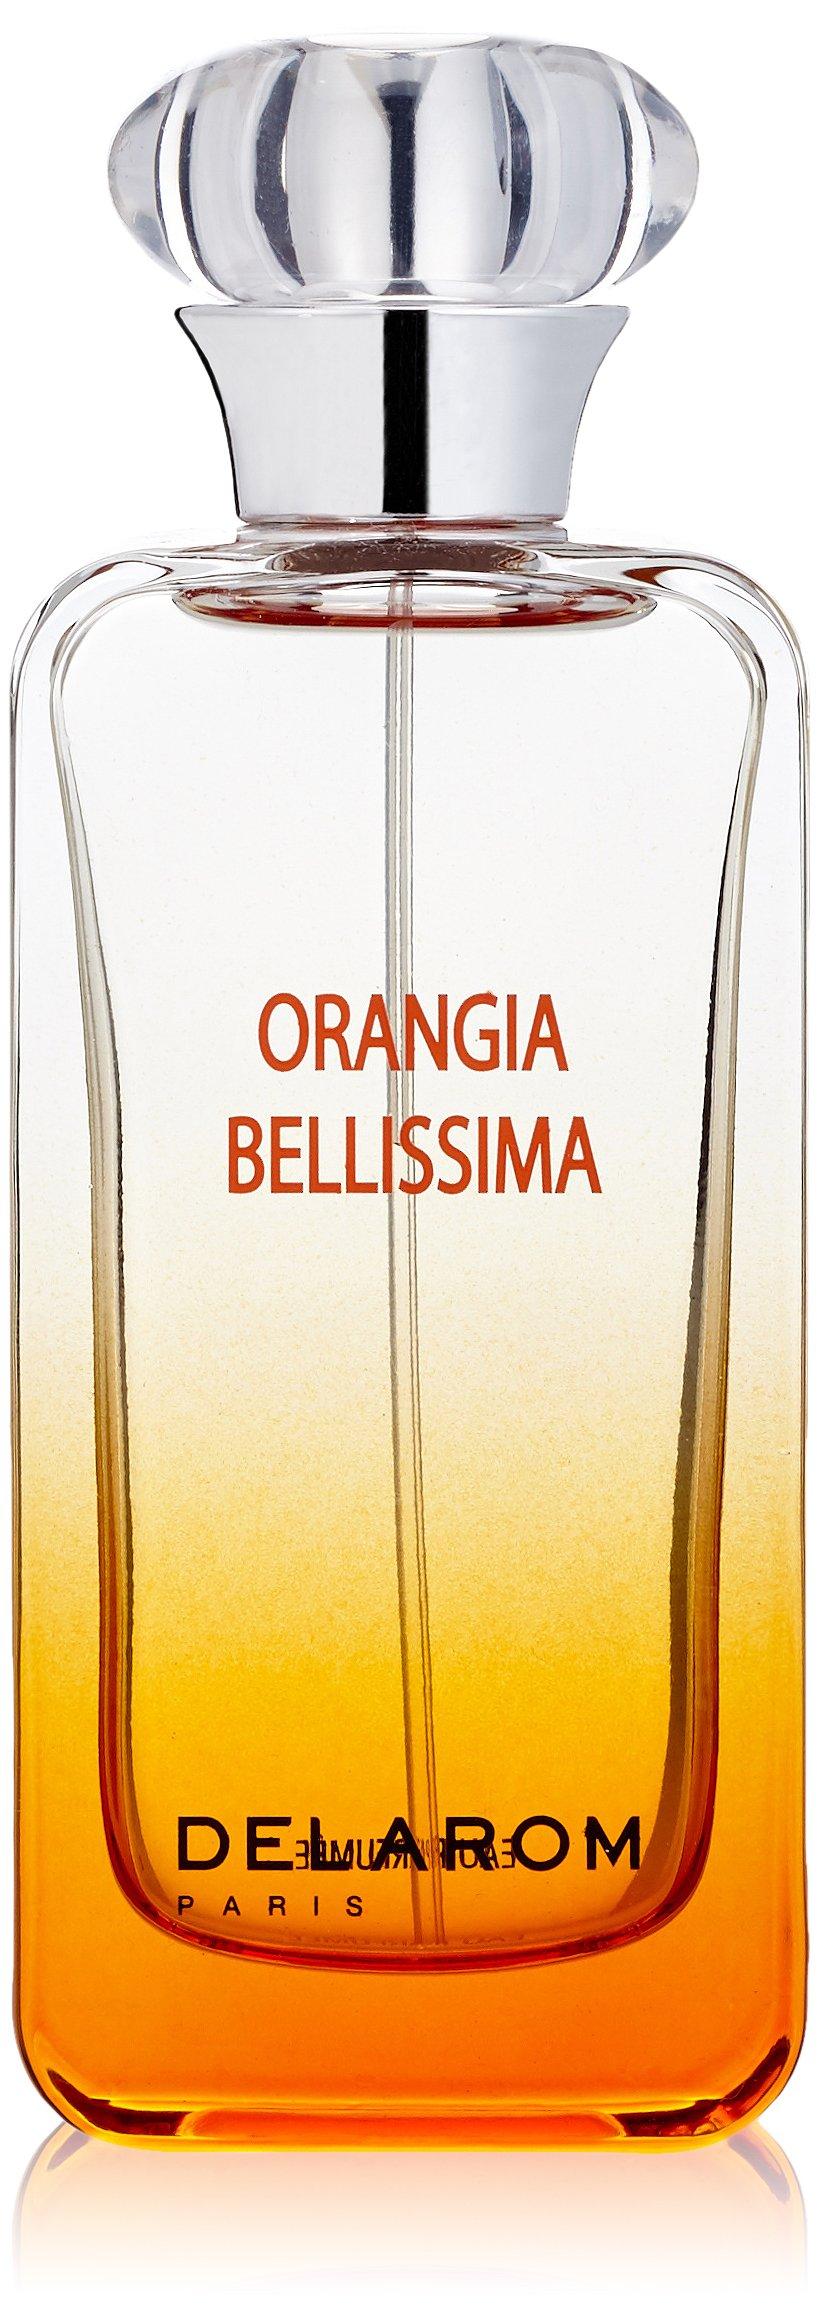 DELAROM ORANGIA BELLISSIMA 50ml by Delarom